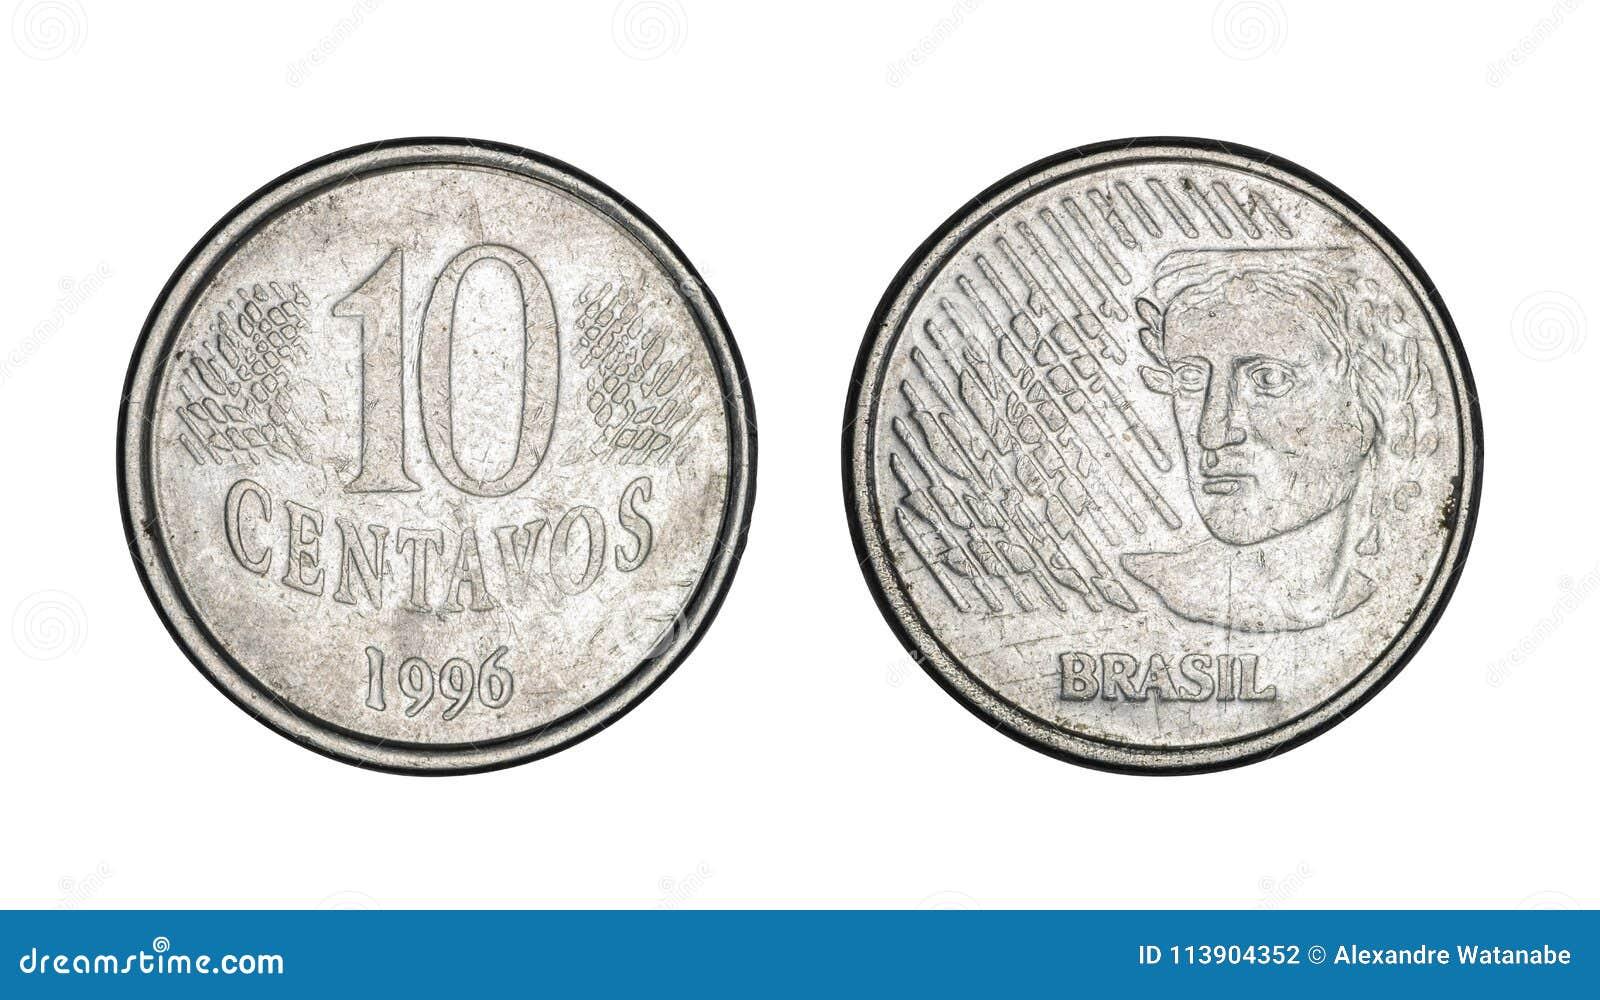 Pièce de monnaie brésilienne de Dix cents vraie, avant et visages arrières - vieilles pièces de monnaie